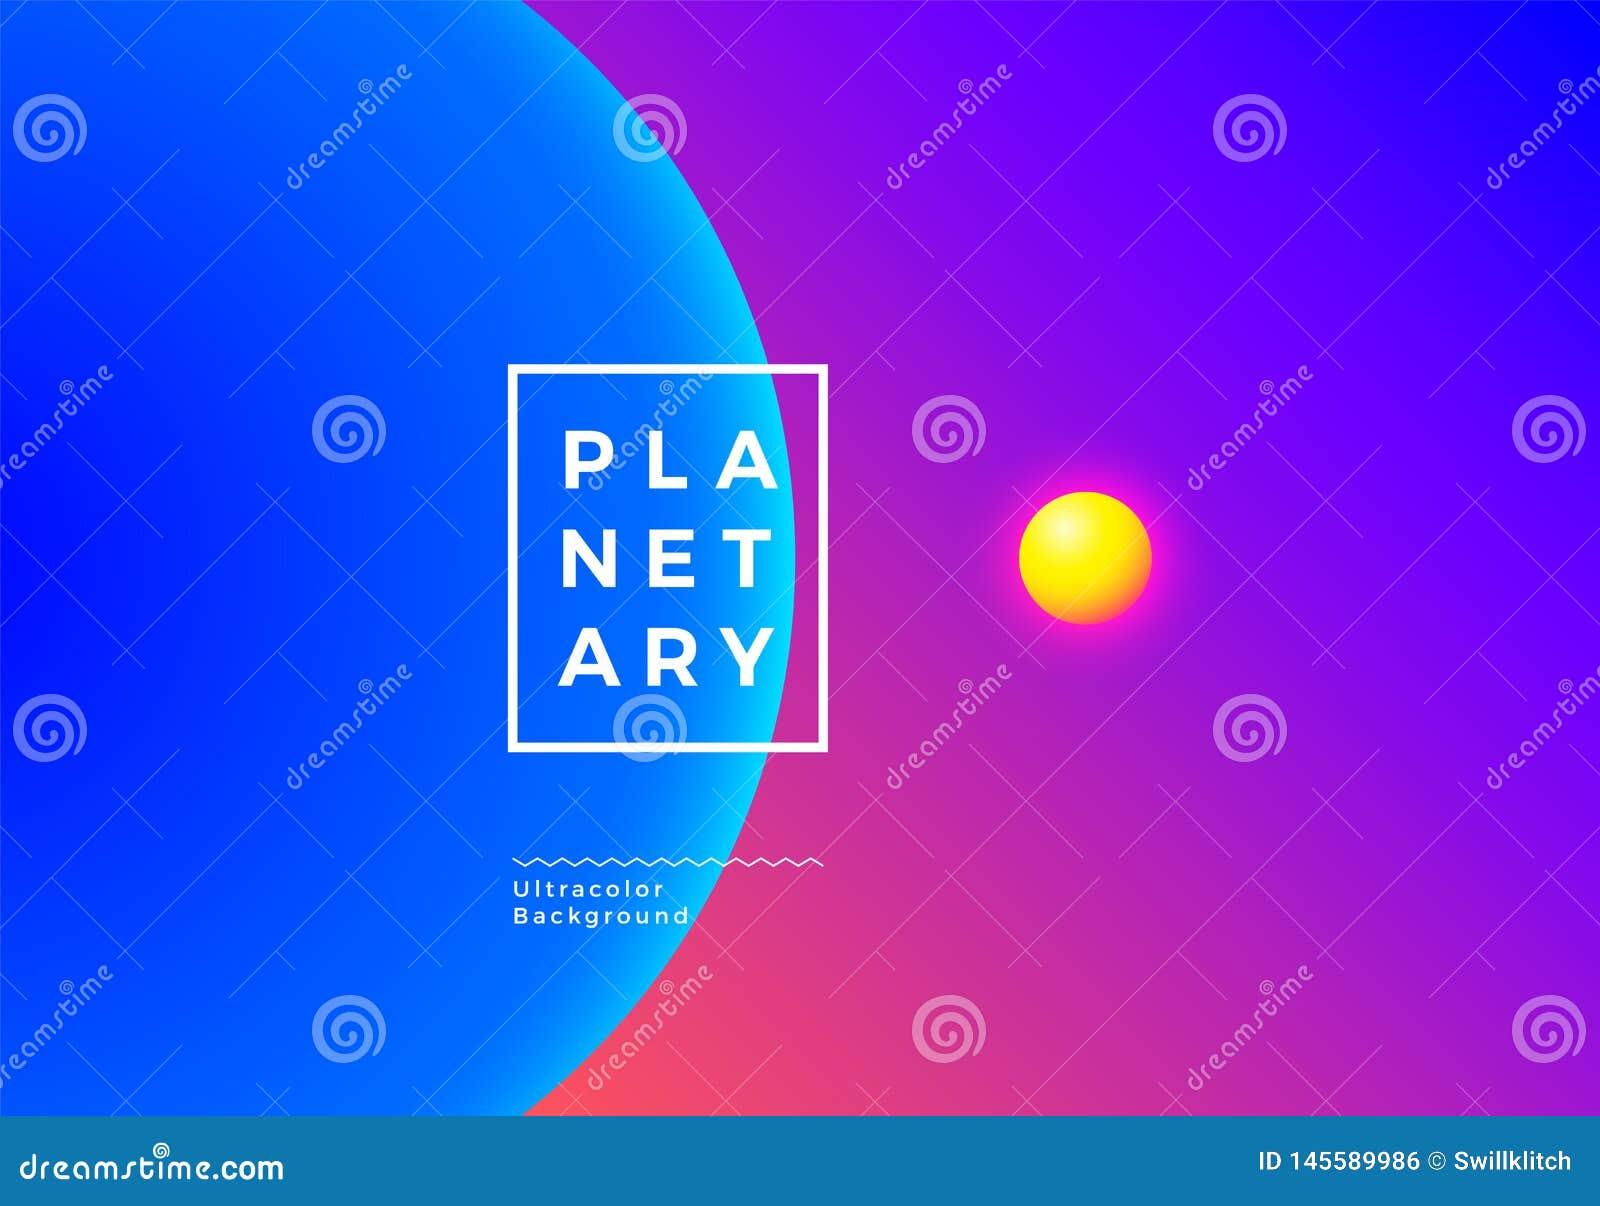 Abstrakter Hintergrund mit Planeten im Raum mit ultra vibrierenden Farben